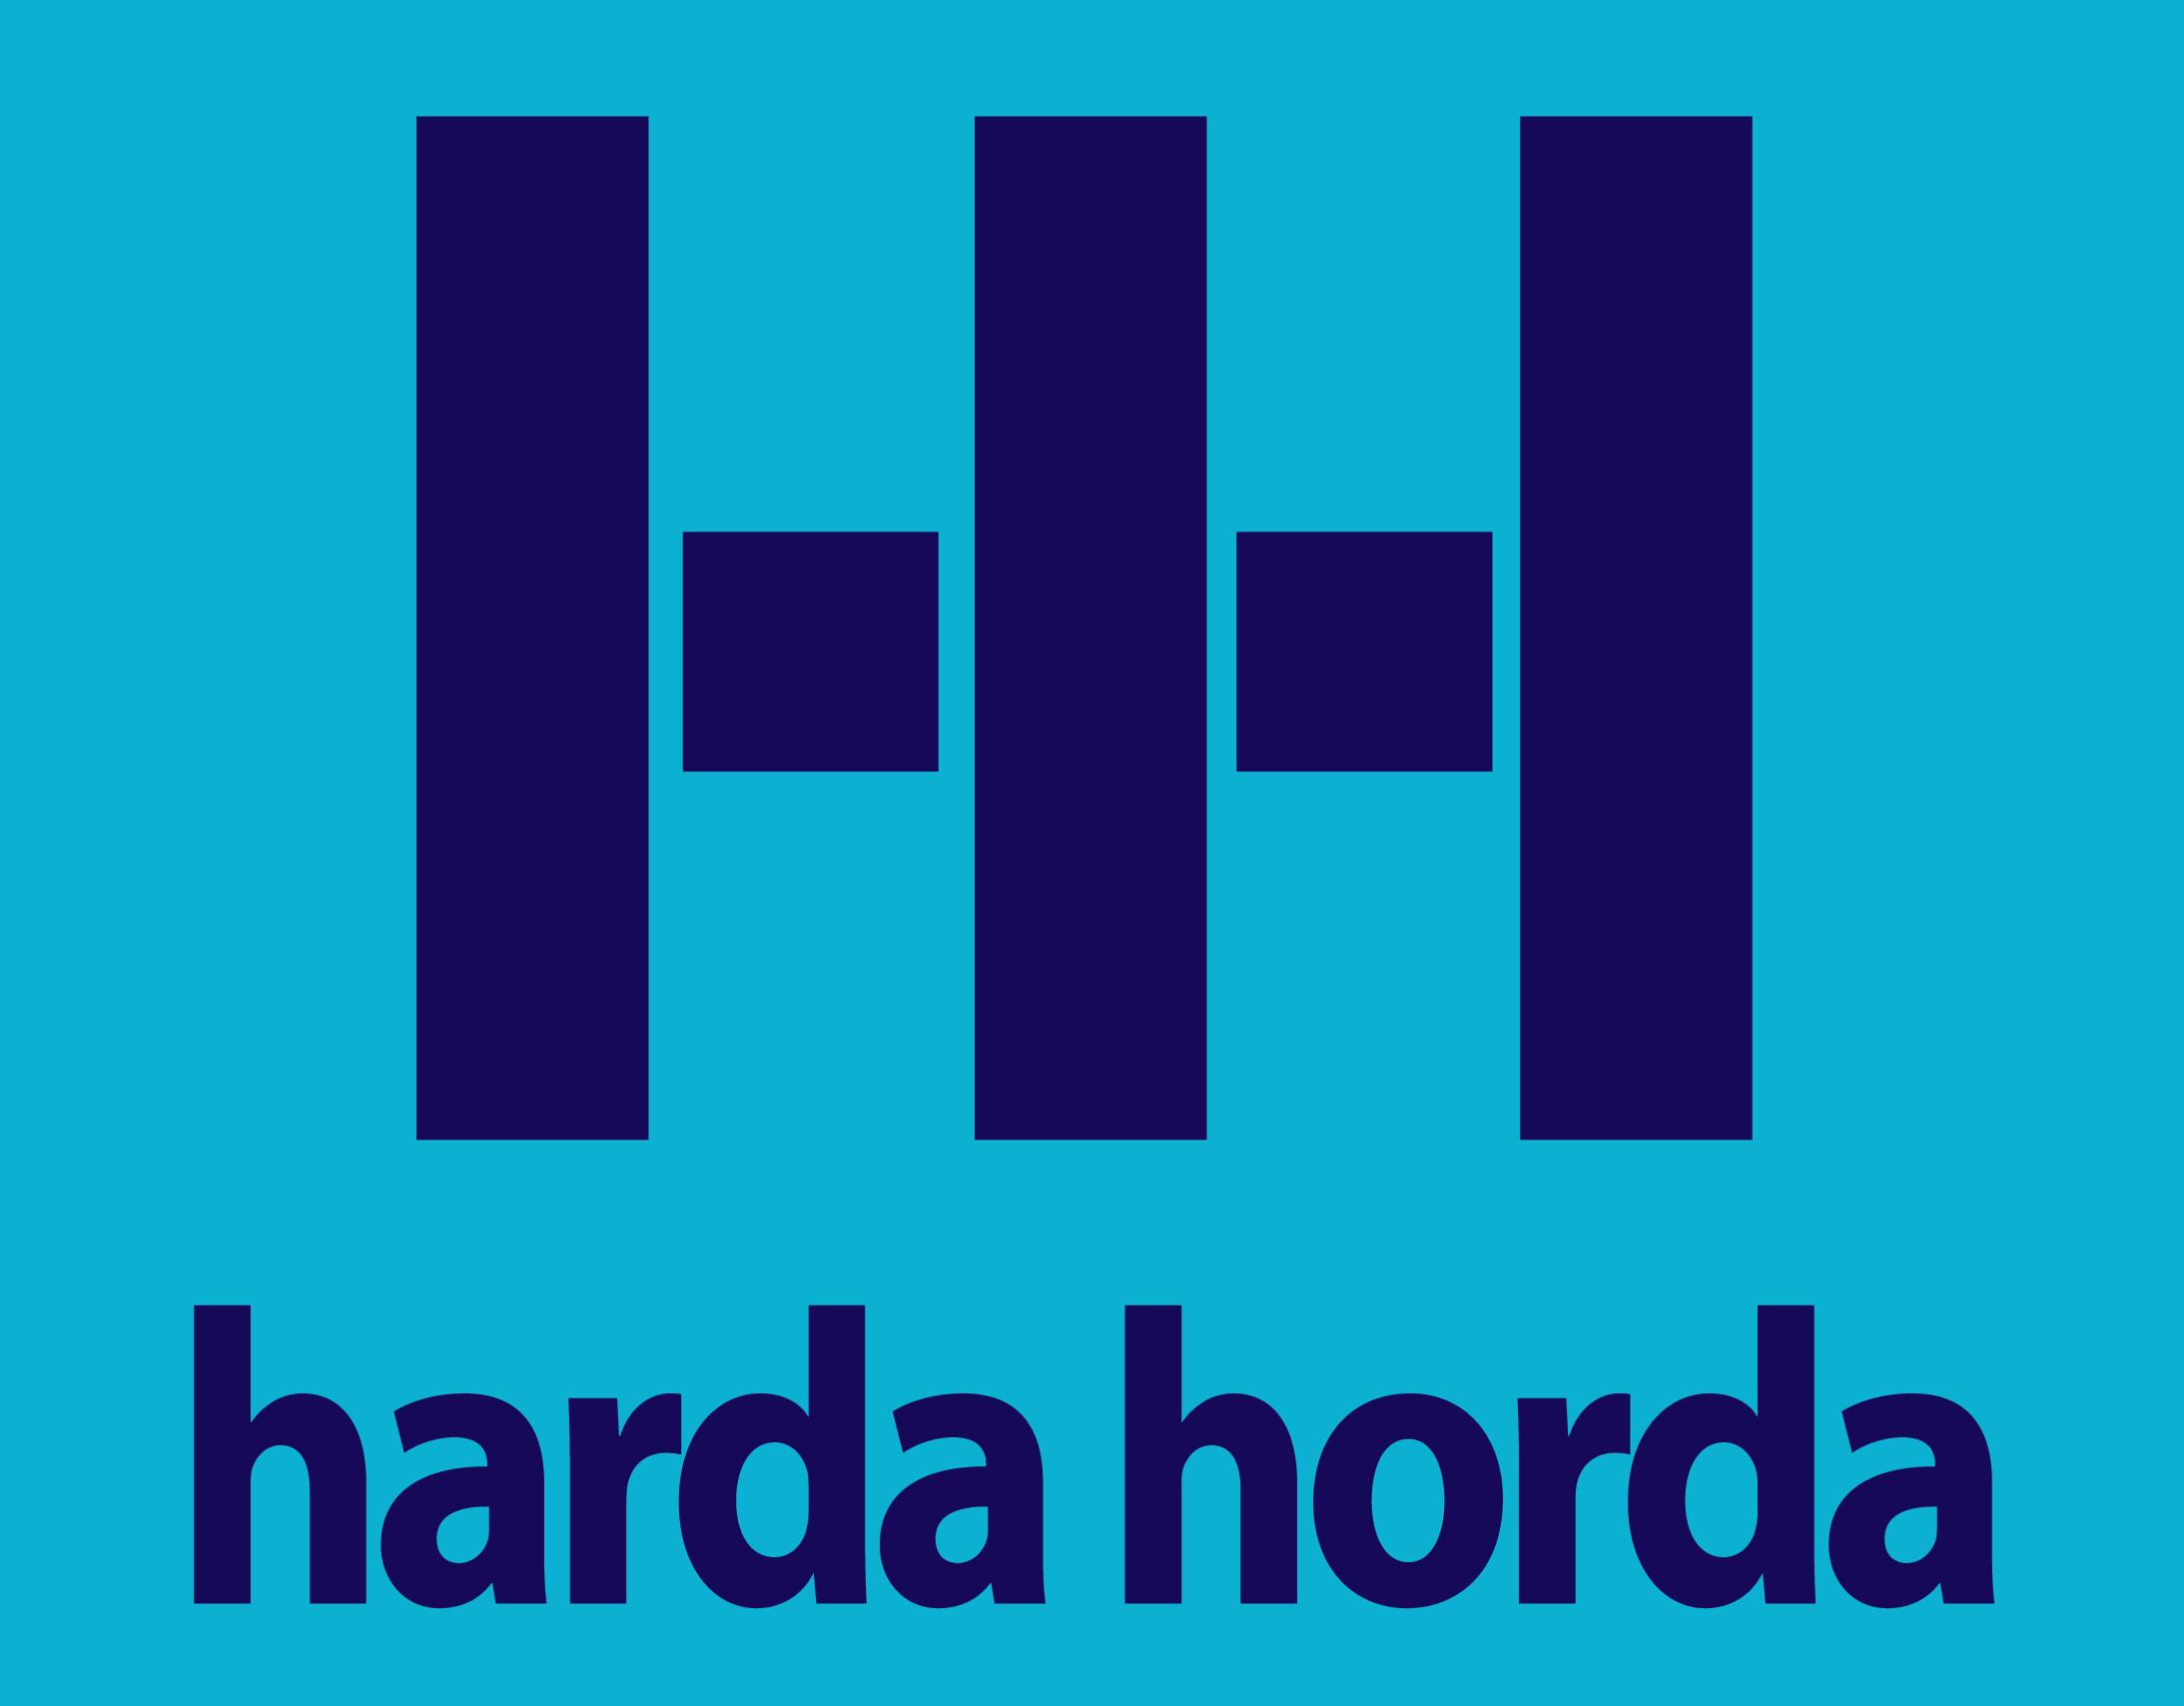 harda_horda_logo_kwadrat